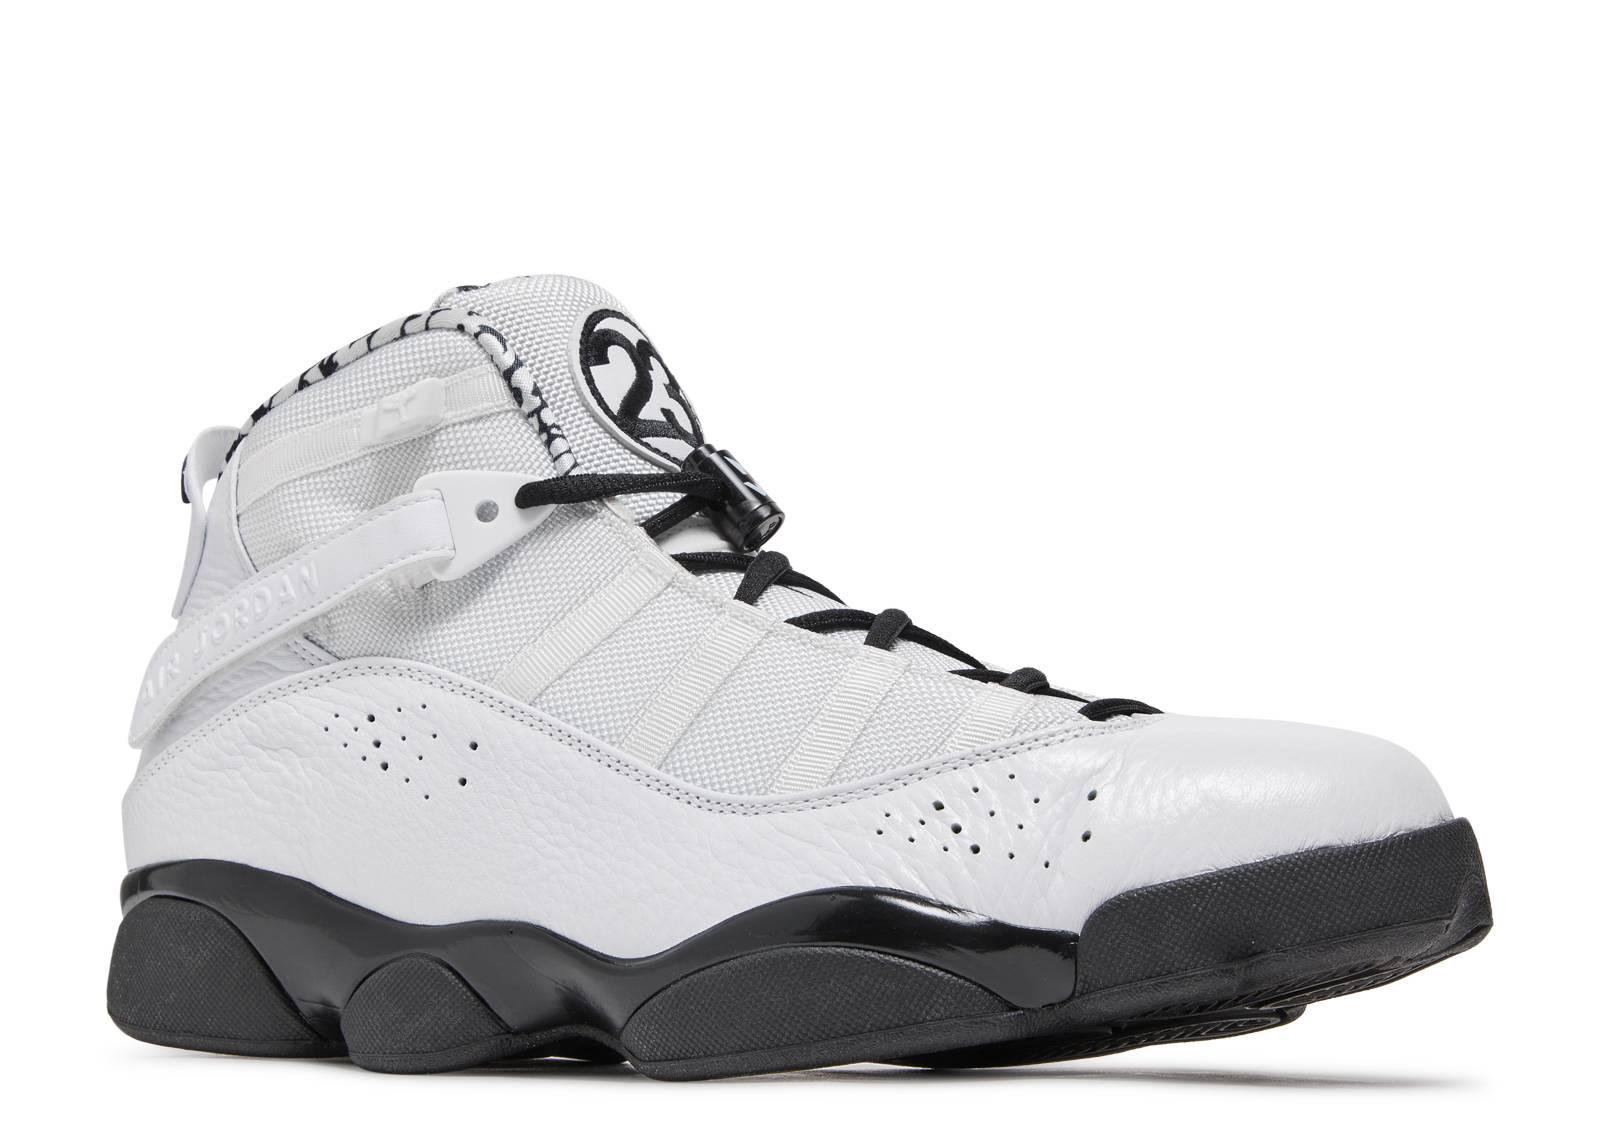 Jordan 6 Rings Premier Quot Motor Sport Quot White Black